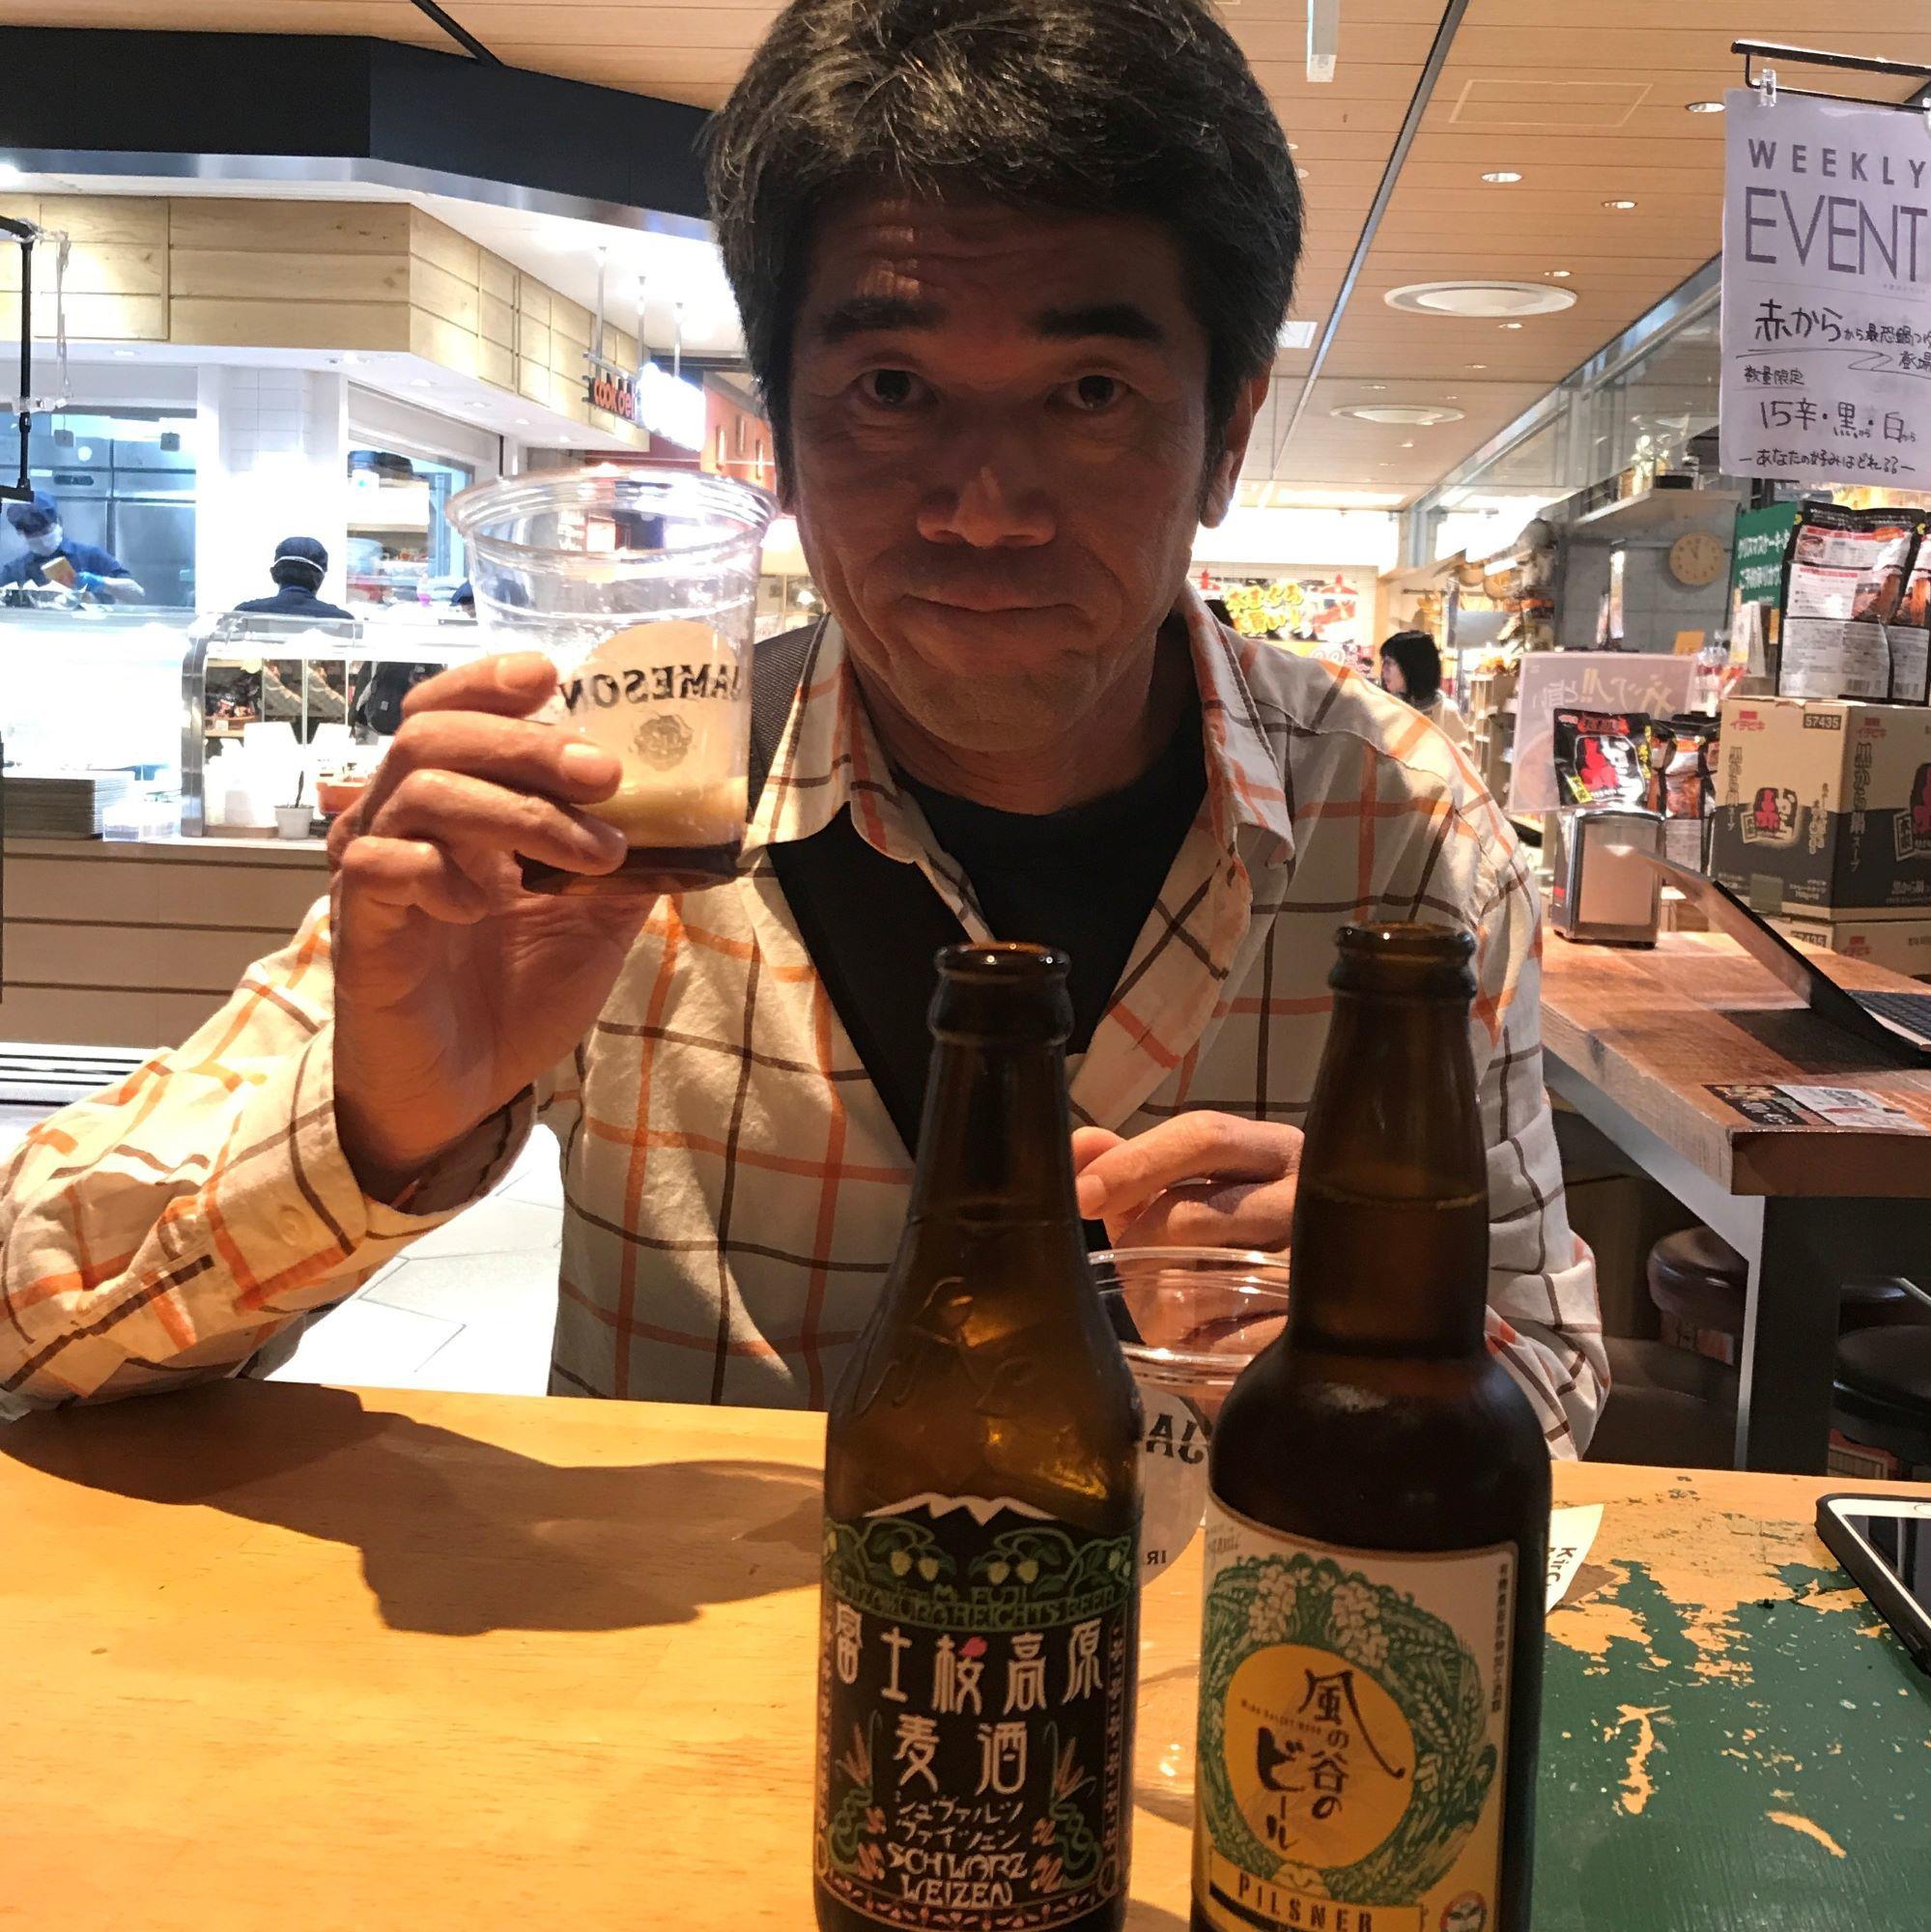 大阪でおいしい料理を一度に楽しめる場所だった_f0009169_07410223.jpg